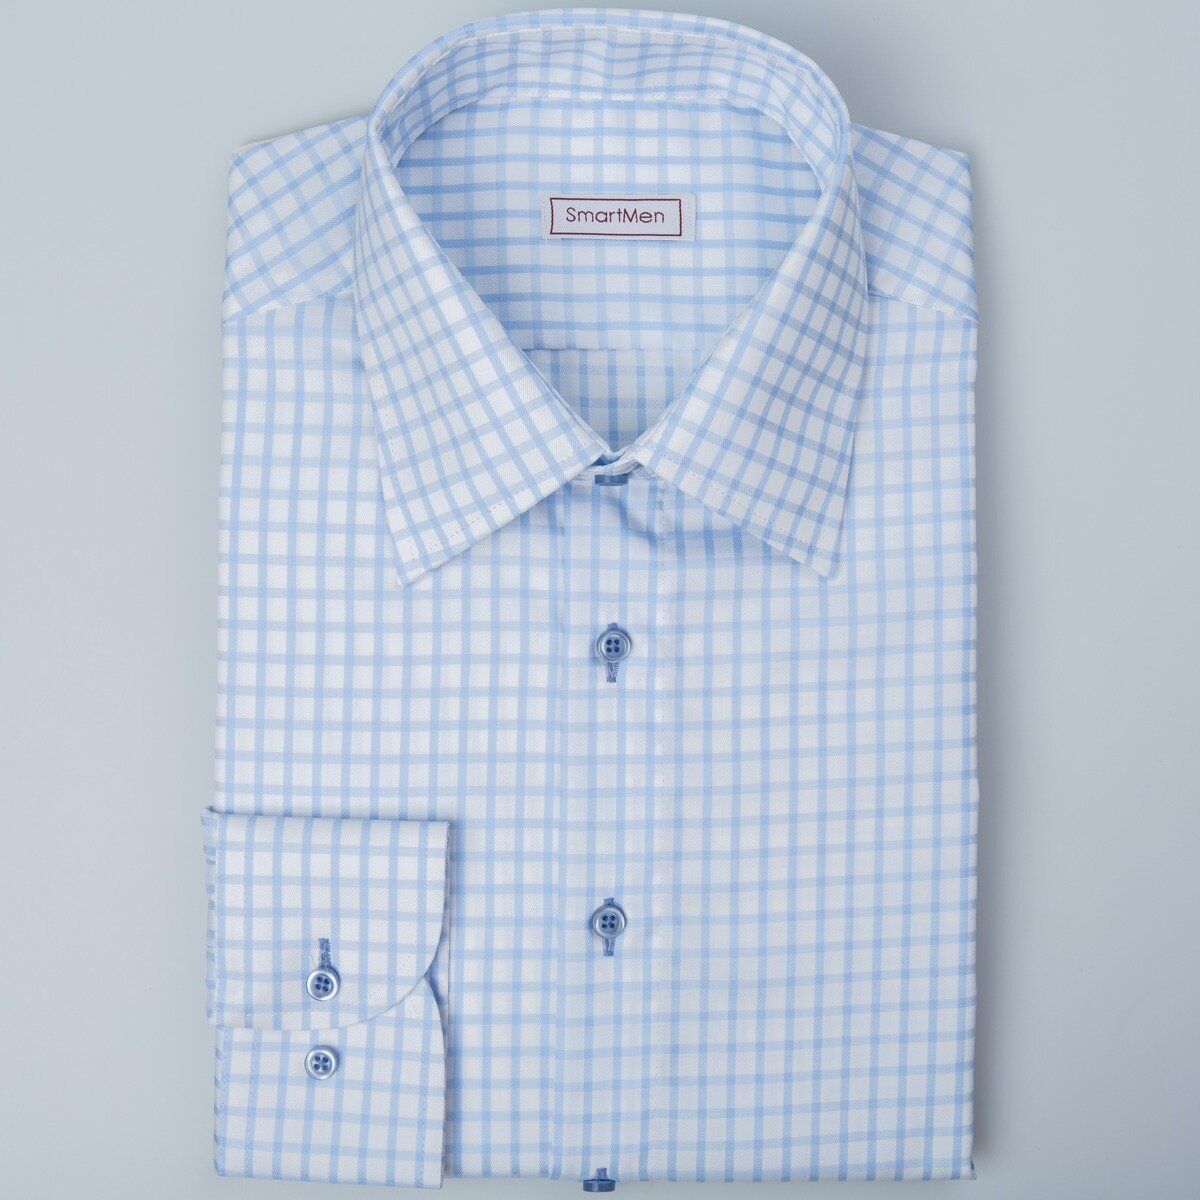 252b8cc5c8bf Business Casual pánska košeľa modrá kockovaná